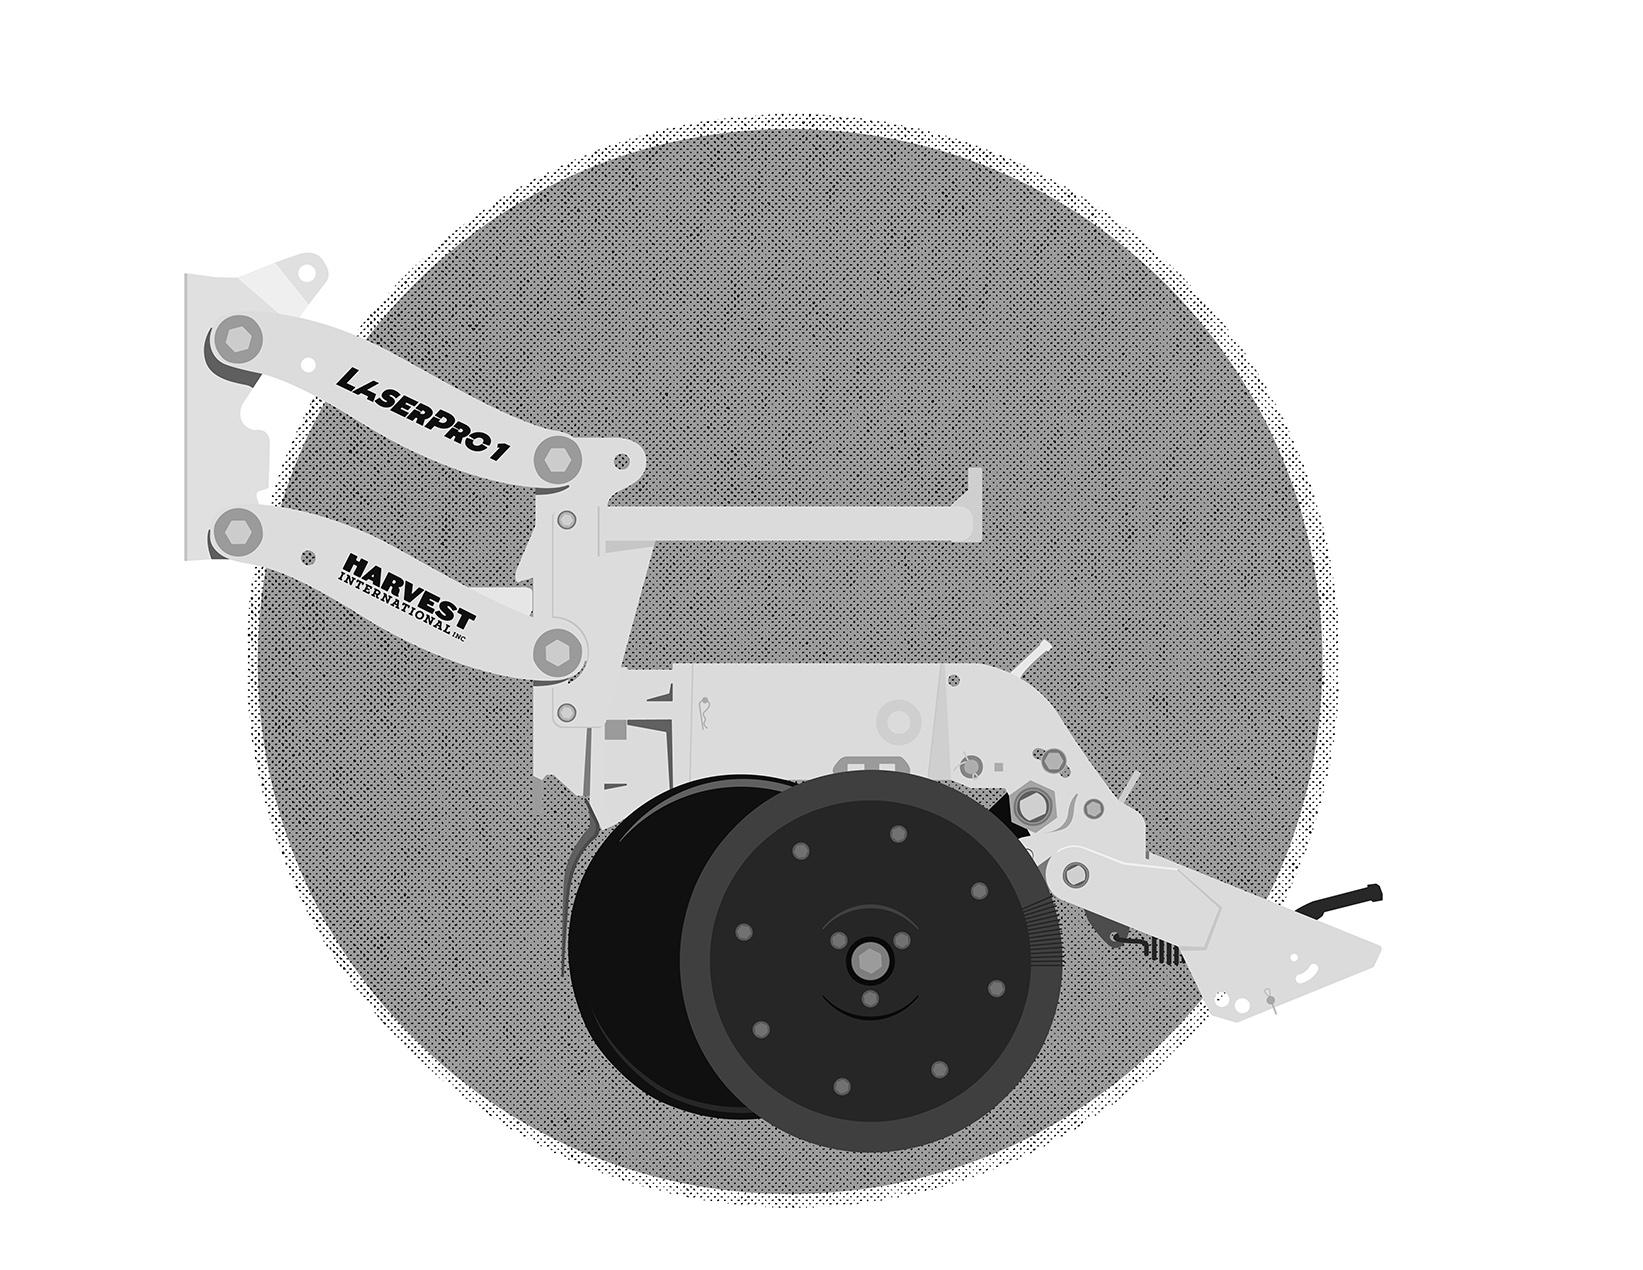 LaserPro 1 vectorbox-11 copy.jpg